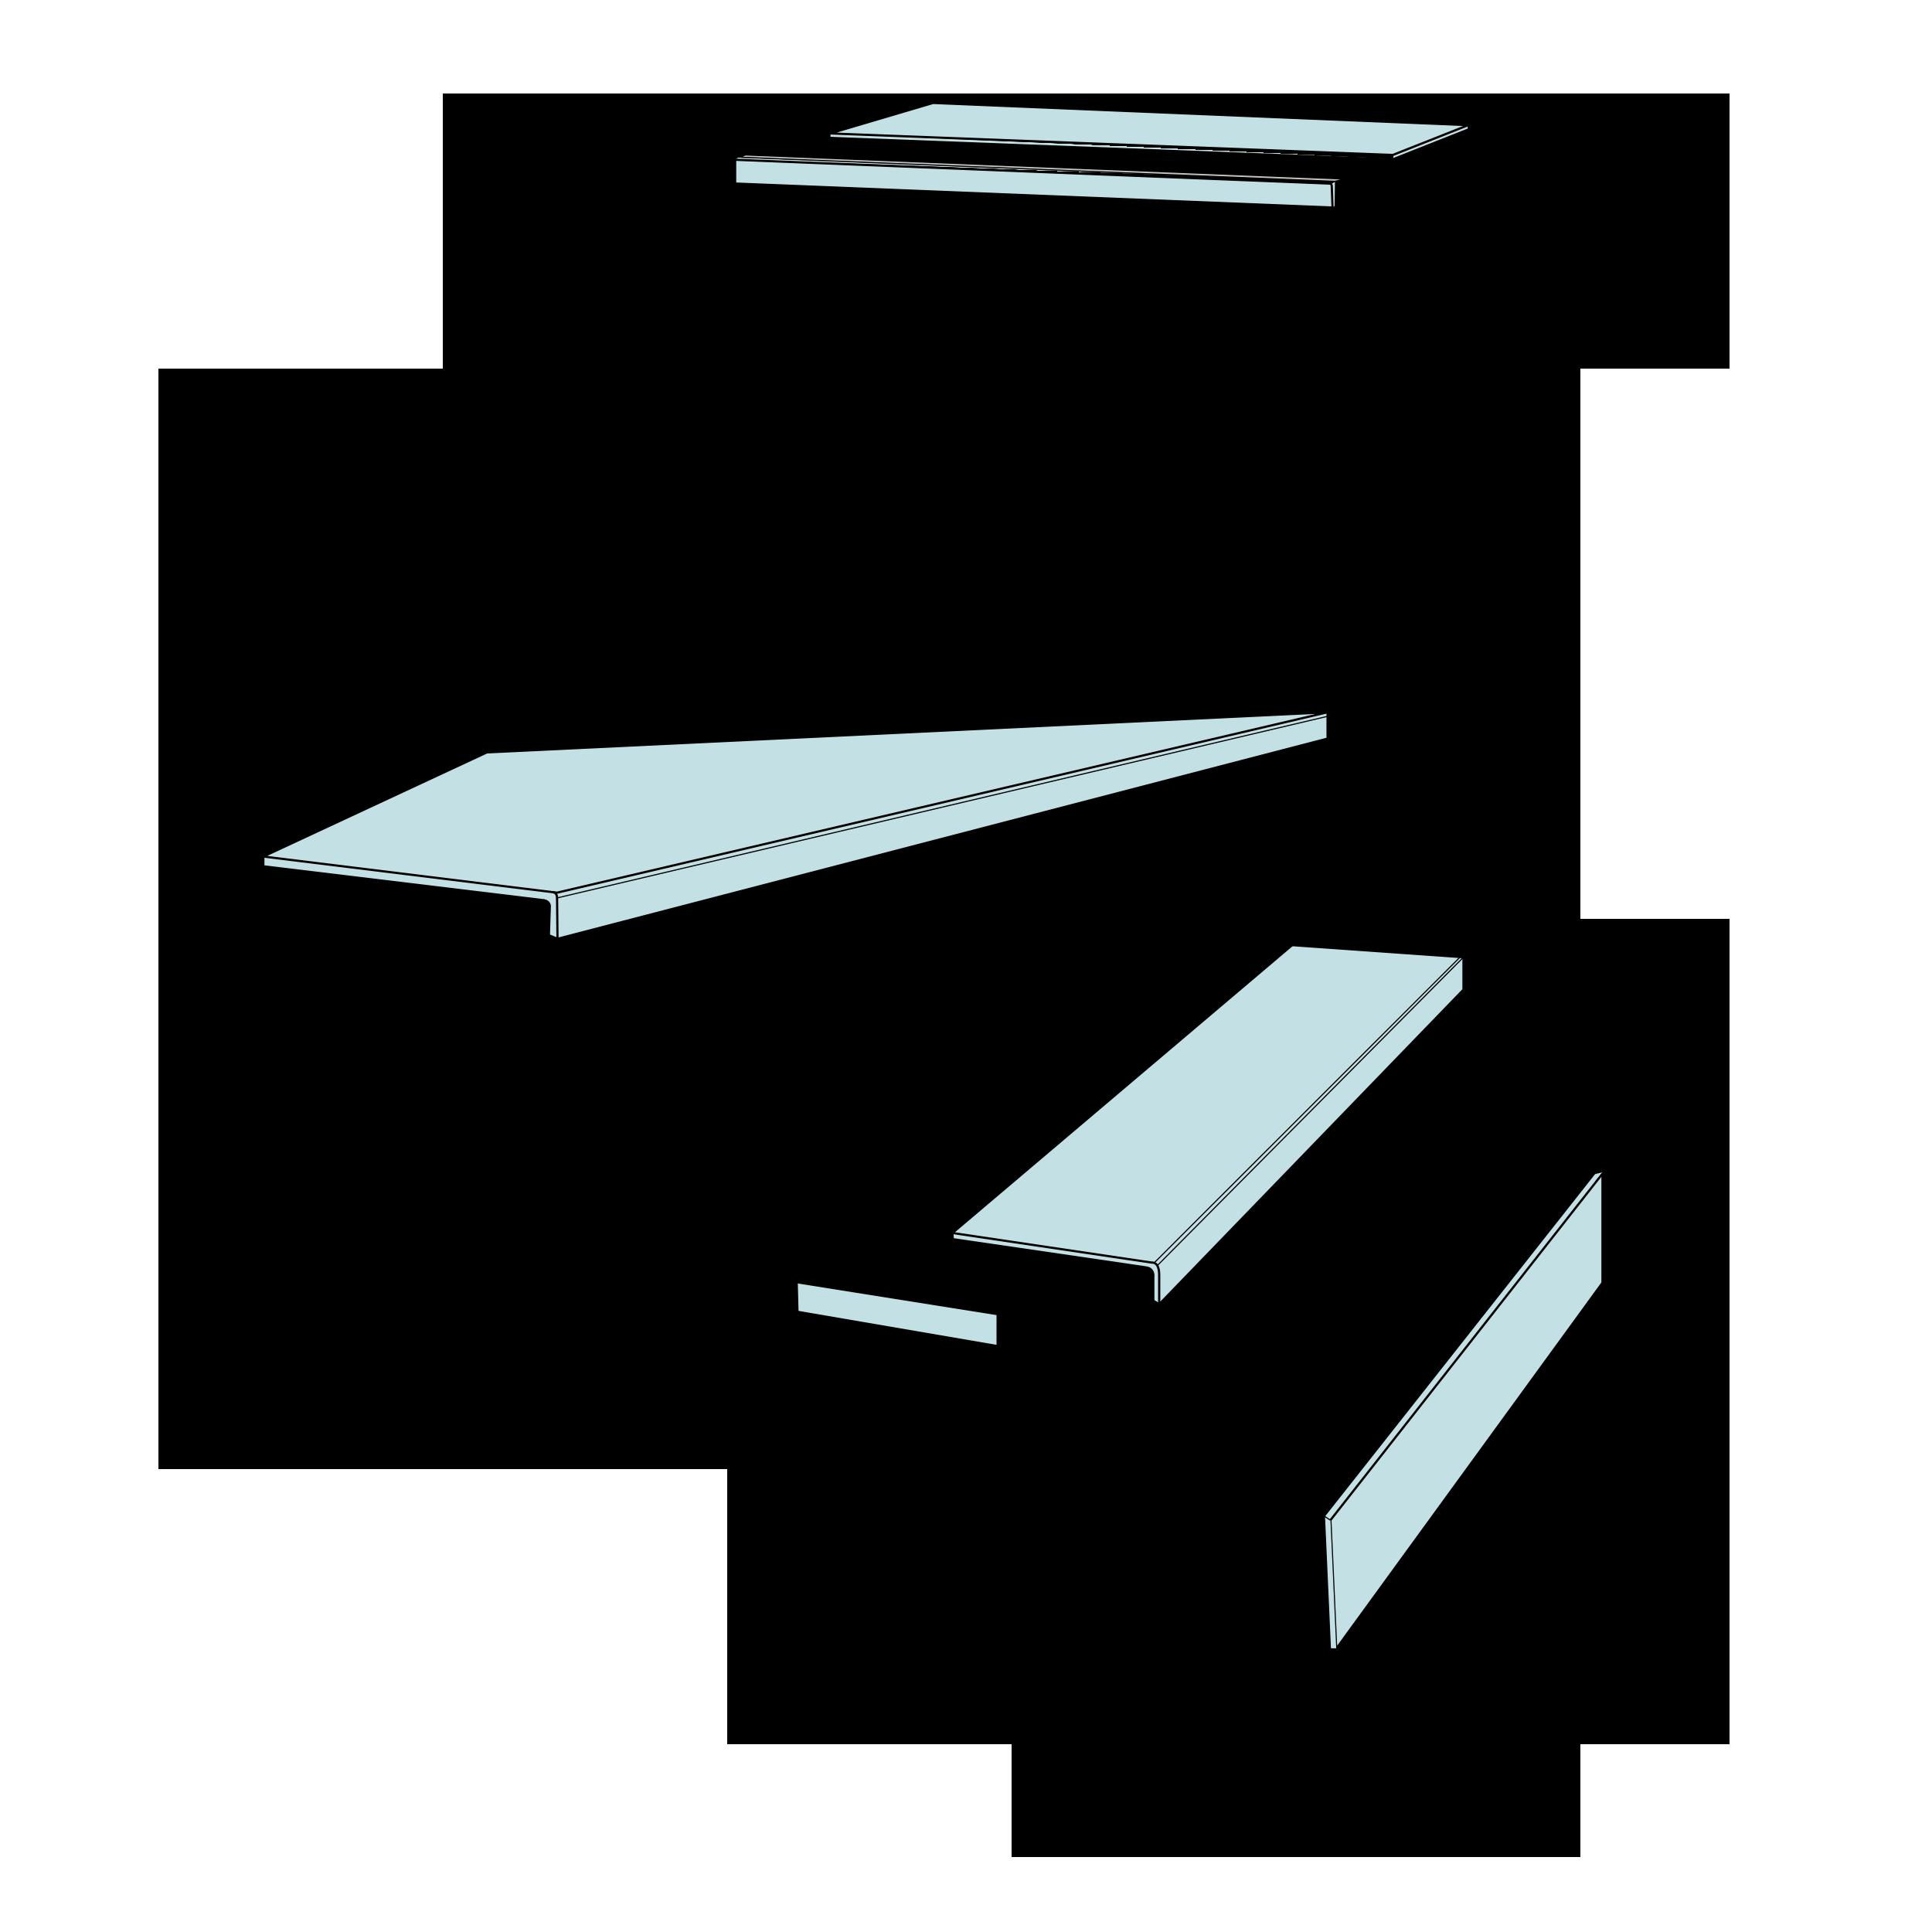 Tekening van een trap